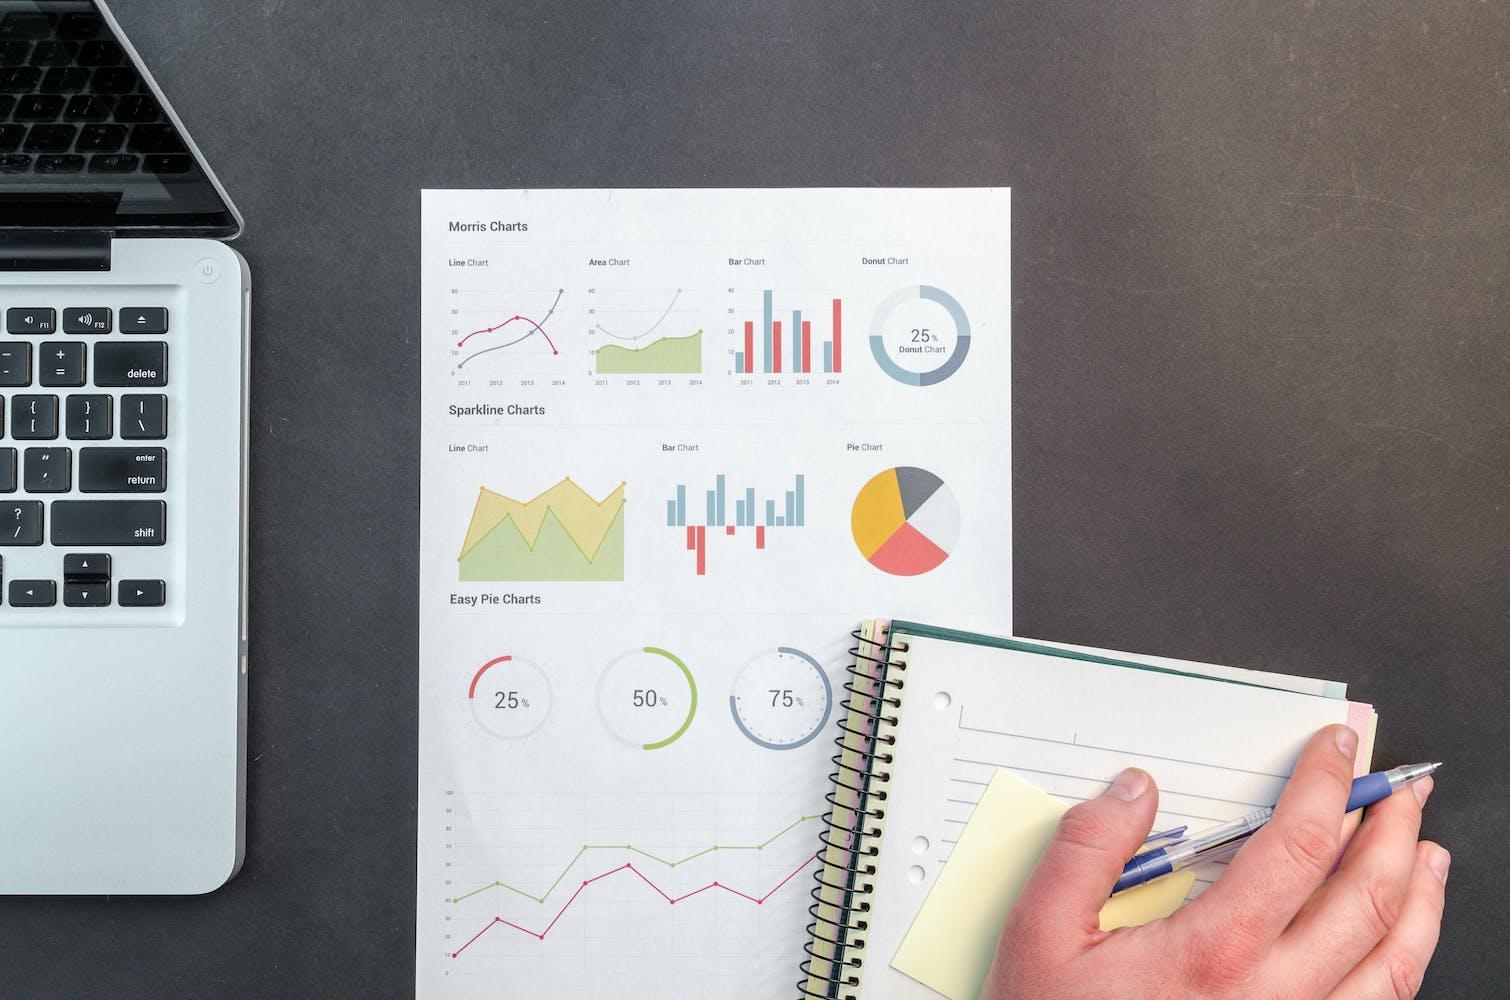 Müşteriyi Geri Kazanmak İçin En Etkili Yöntem: Yeniden Hedefleme